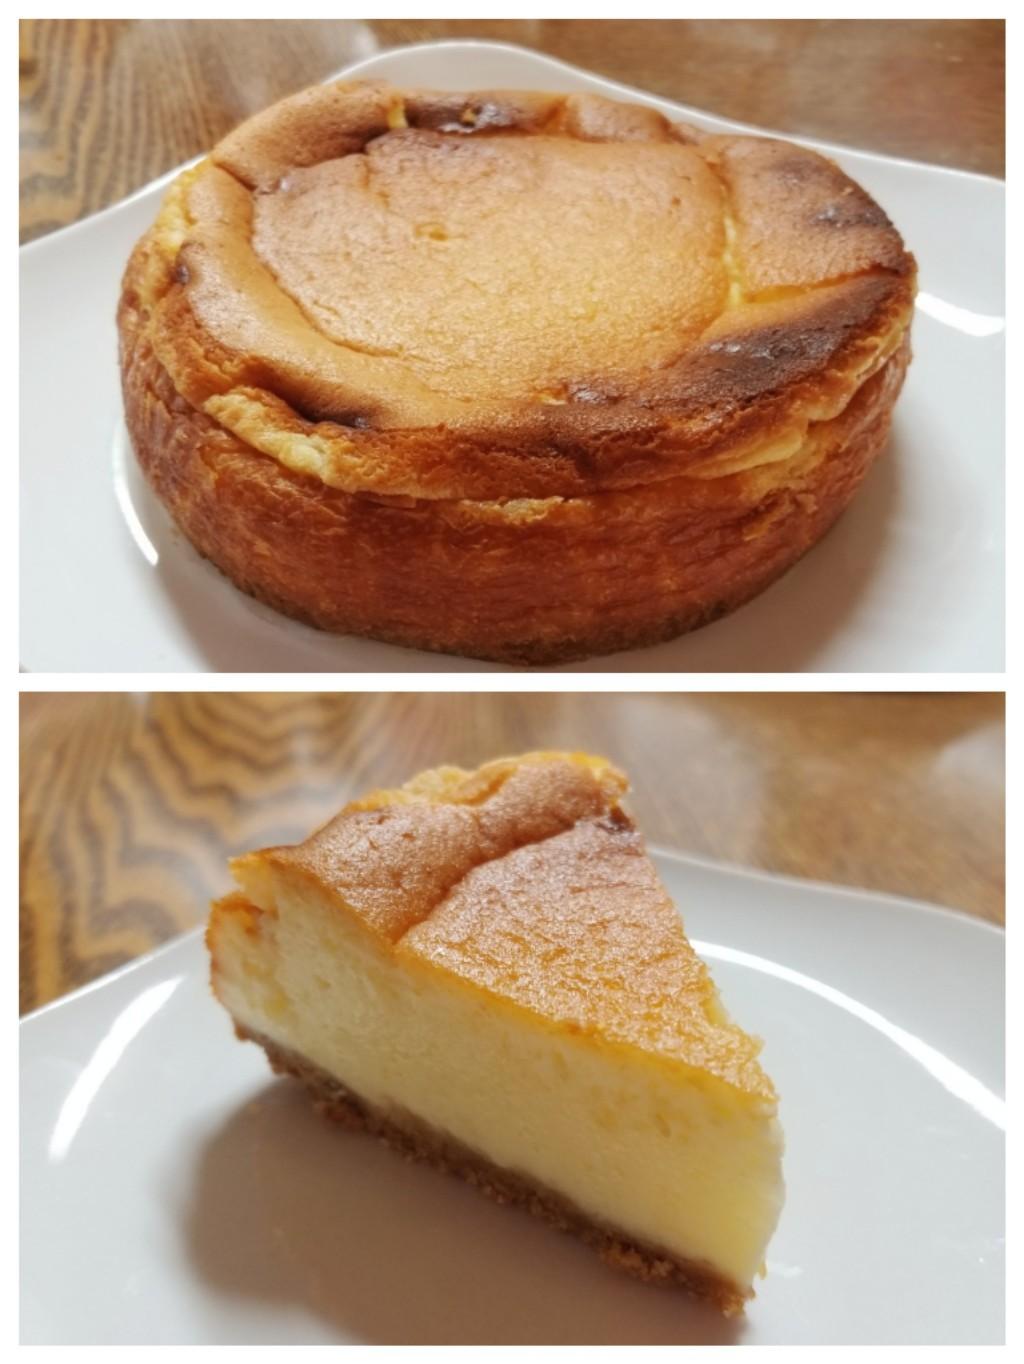 失敗続きのチーズケーキ_b0194098_09070046.jpg